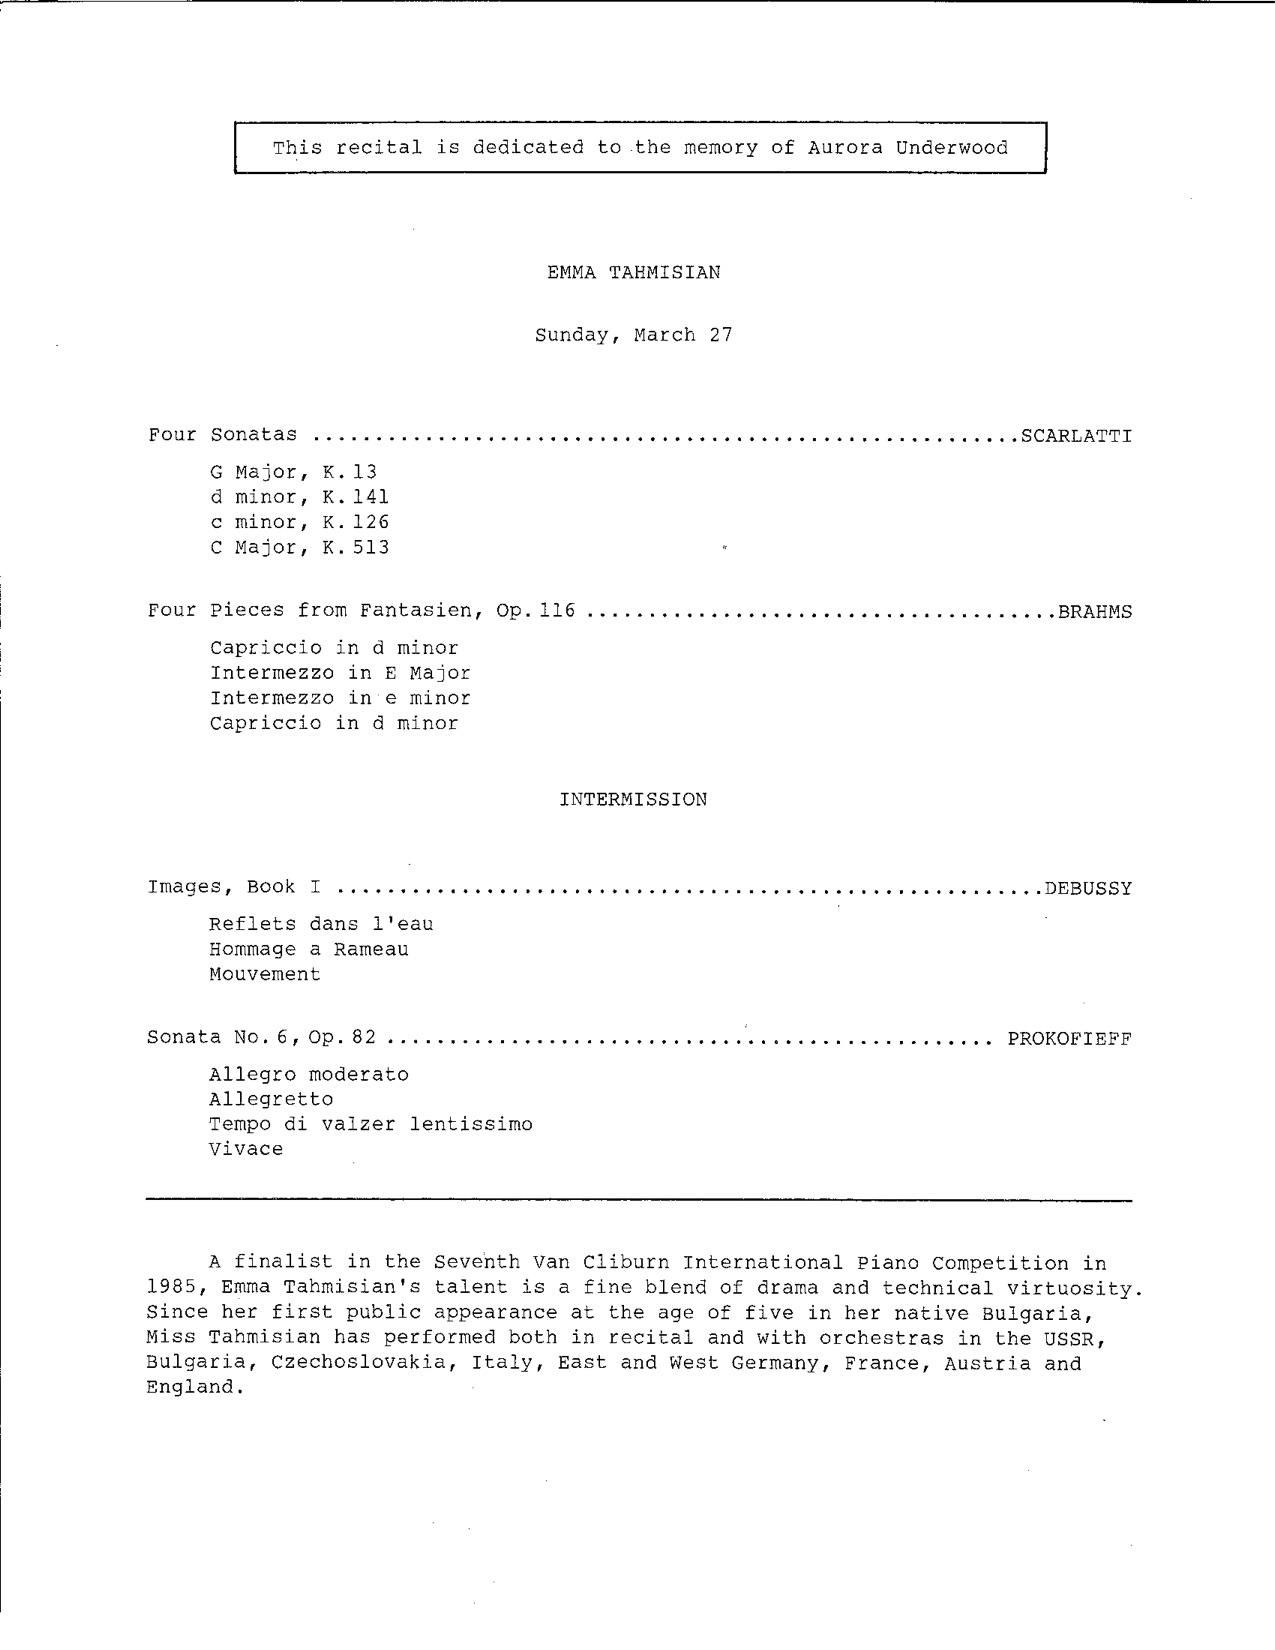 Tahmisian87-88_Program2.jpg